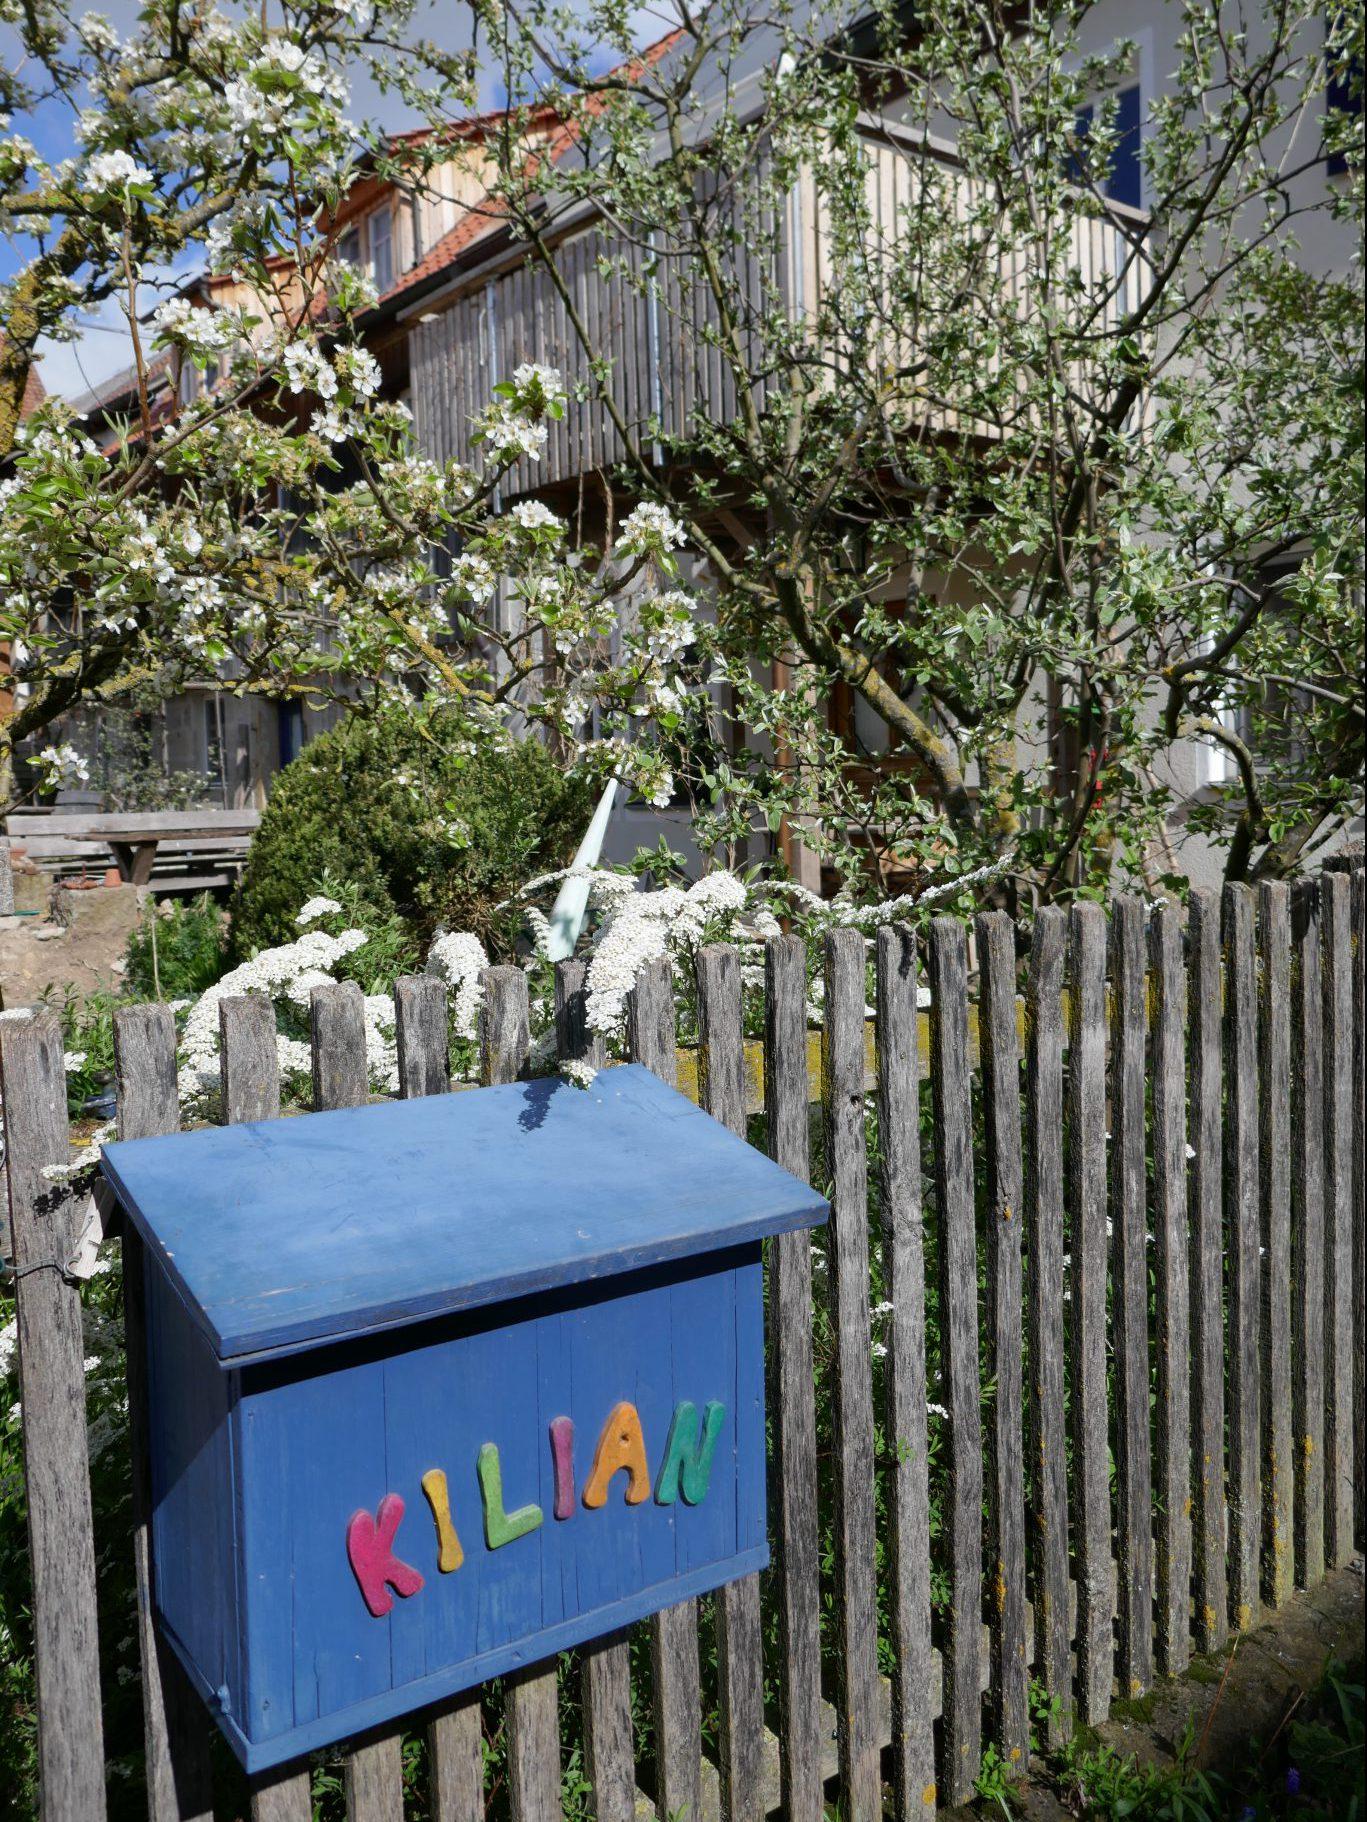 Blau bemalter Briefkasten am Zaun unseres Hofes mit blühenden Bäumen und Pflanzen im Hintergrund